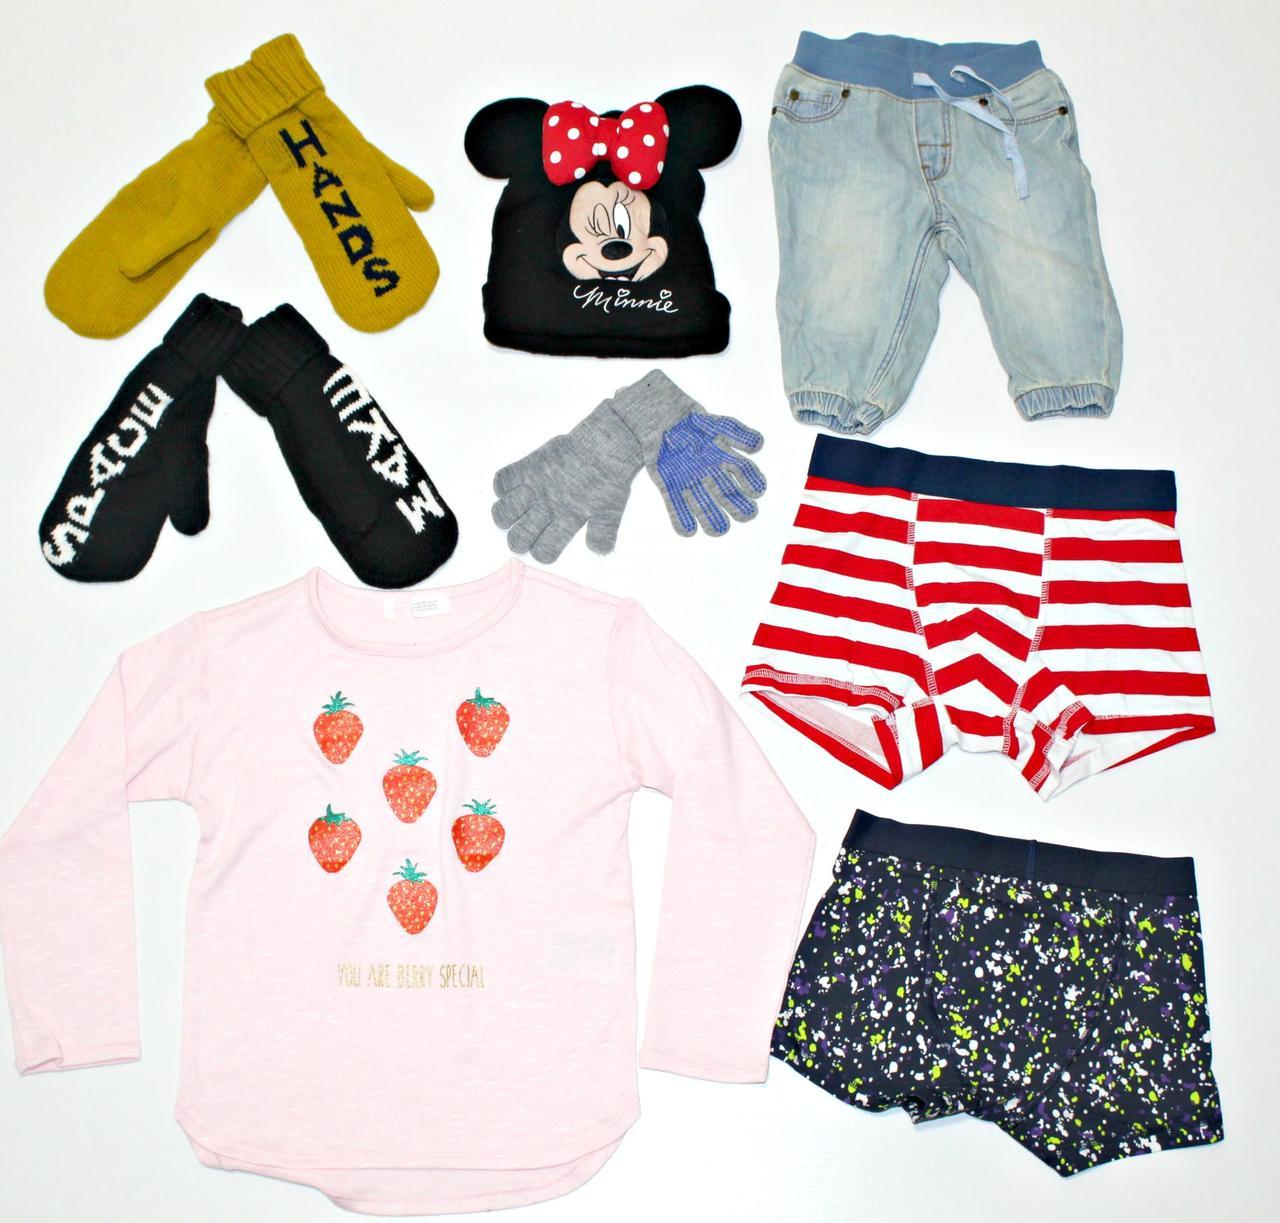 Сток одежда H&M мужская женская и детская лето и демисезон Швеция Оптом от 25 кг